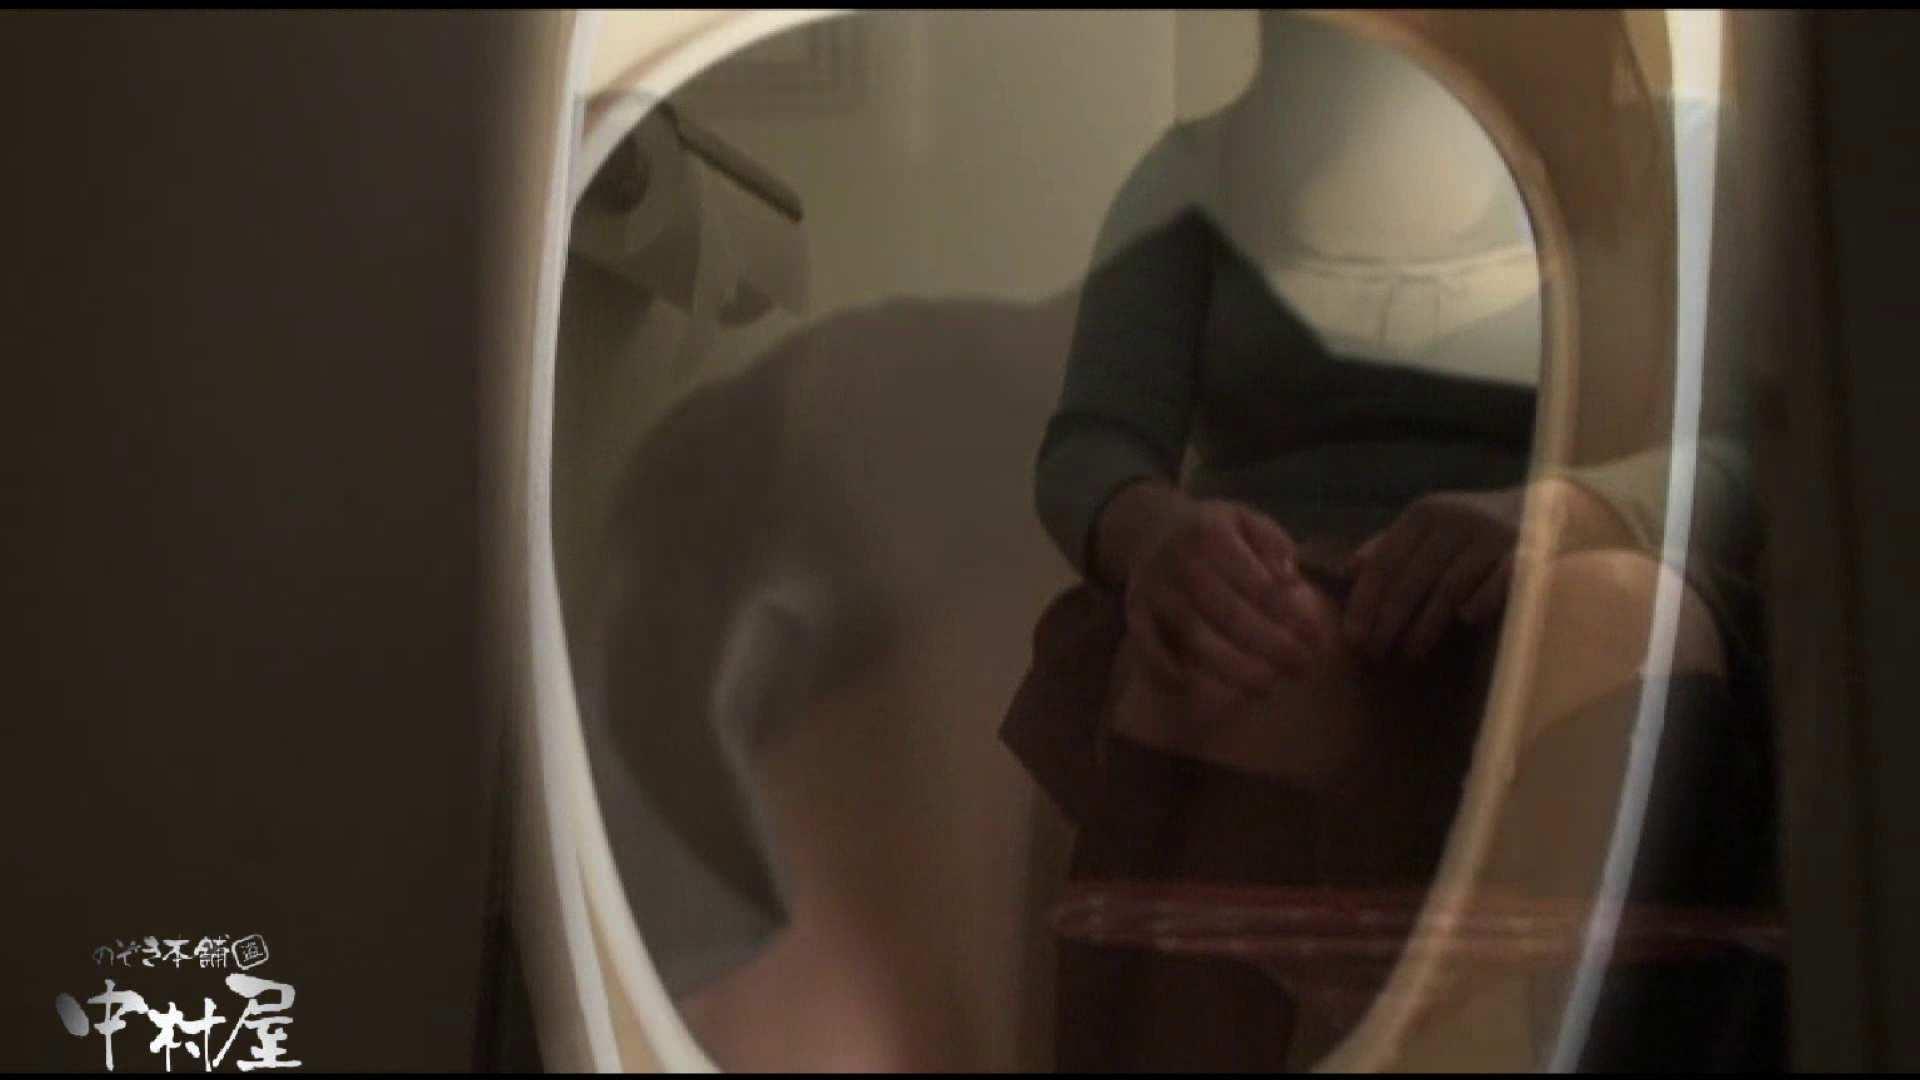 飛び出す黄金水!!!アトレ潜入 かわや盗撮 vol.03 リアル黄金水 | OLセックス  79画像 41